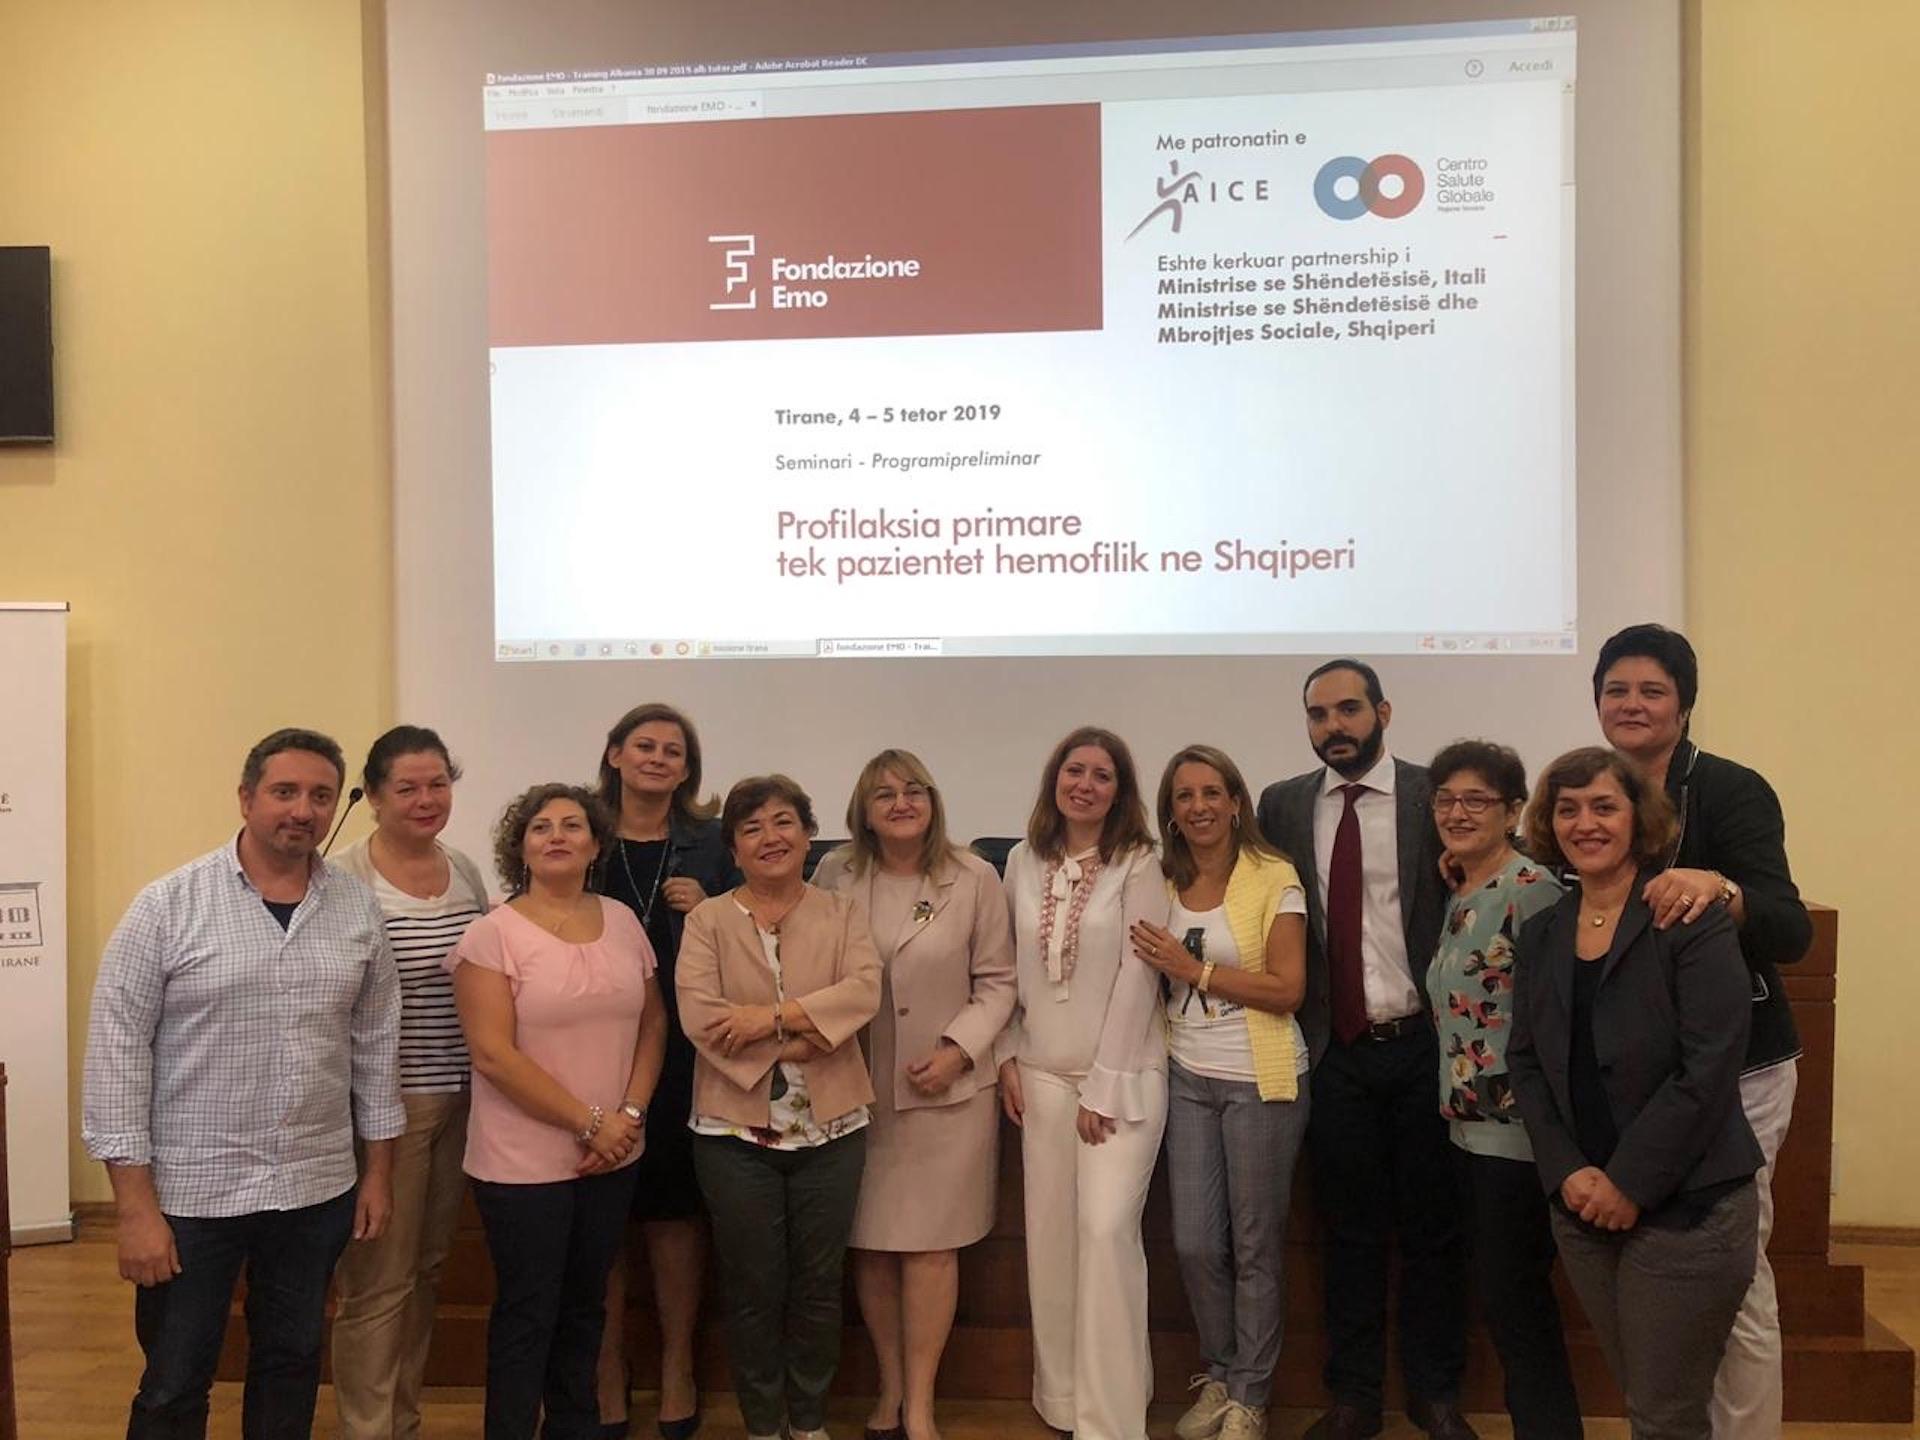 Fondazione EMO-La profilassi primaria nei pazienti emofilici albanesi -Albania-4-5.10.2019-Il team